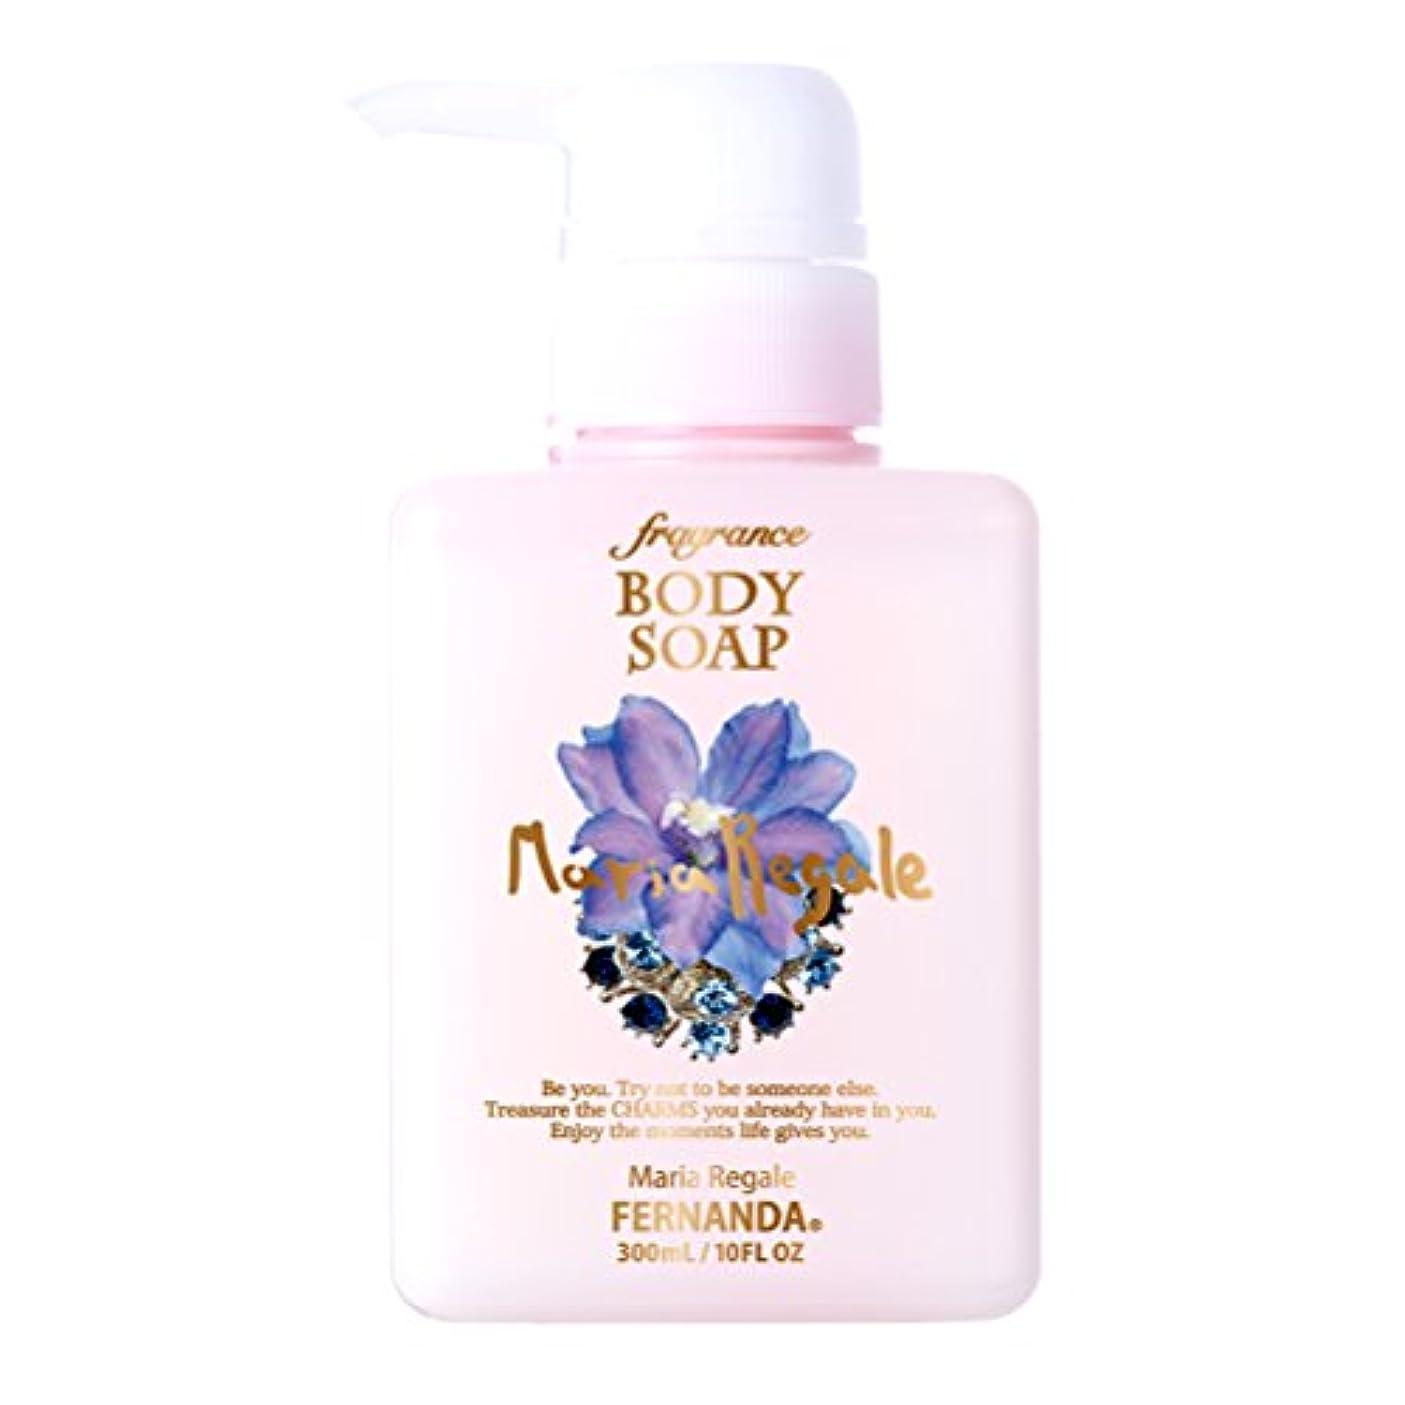 息切れ争い維持するFERNANDA(フェルナンダ) Fragrance Body Soap Maria Regale (ボディソープ マリアリゲル) FJBS0003